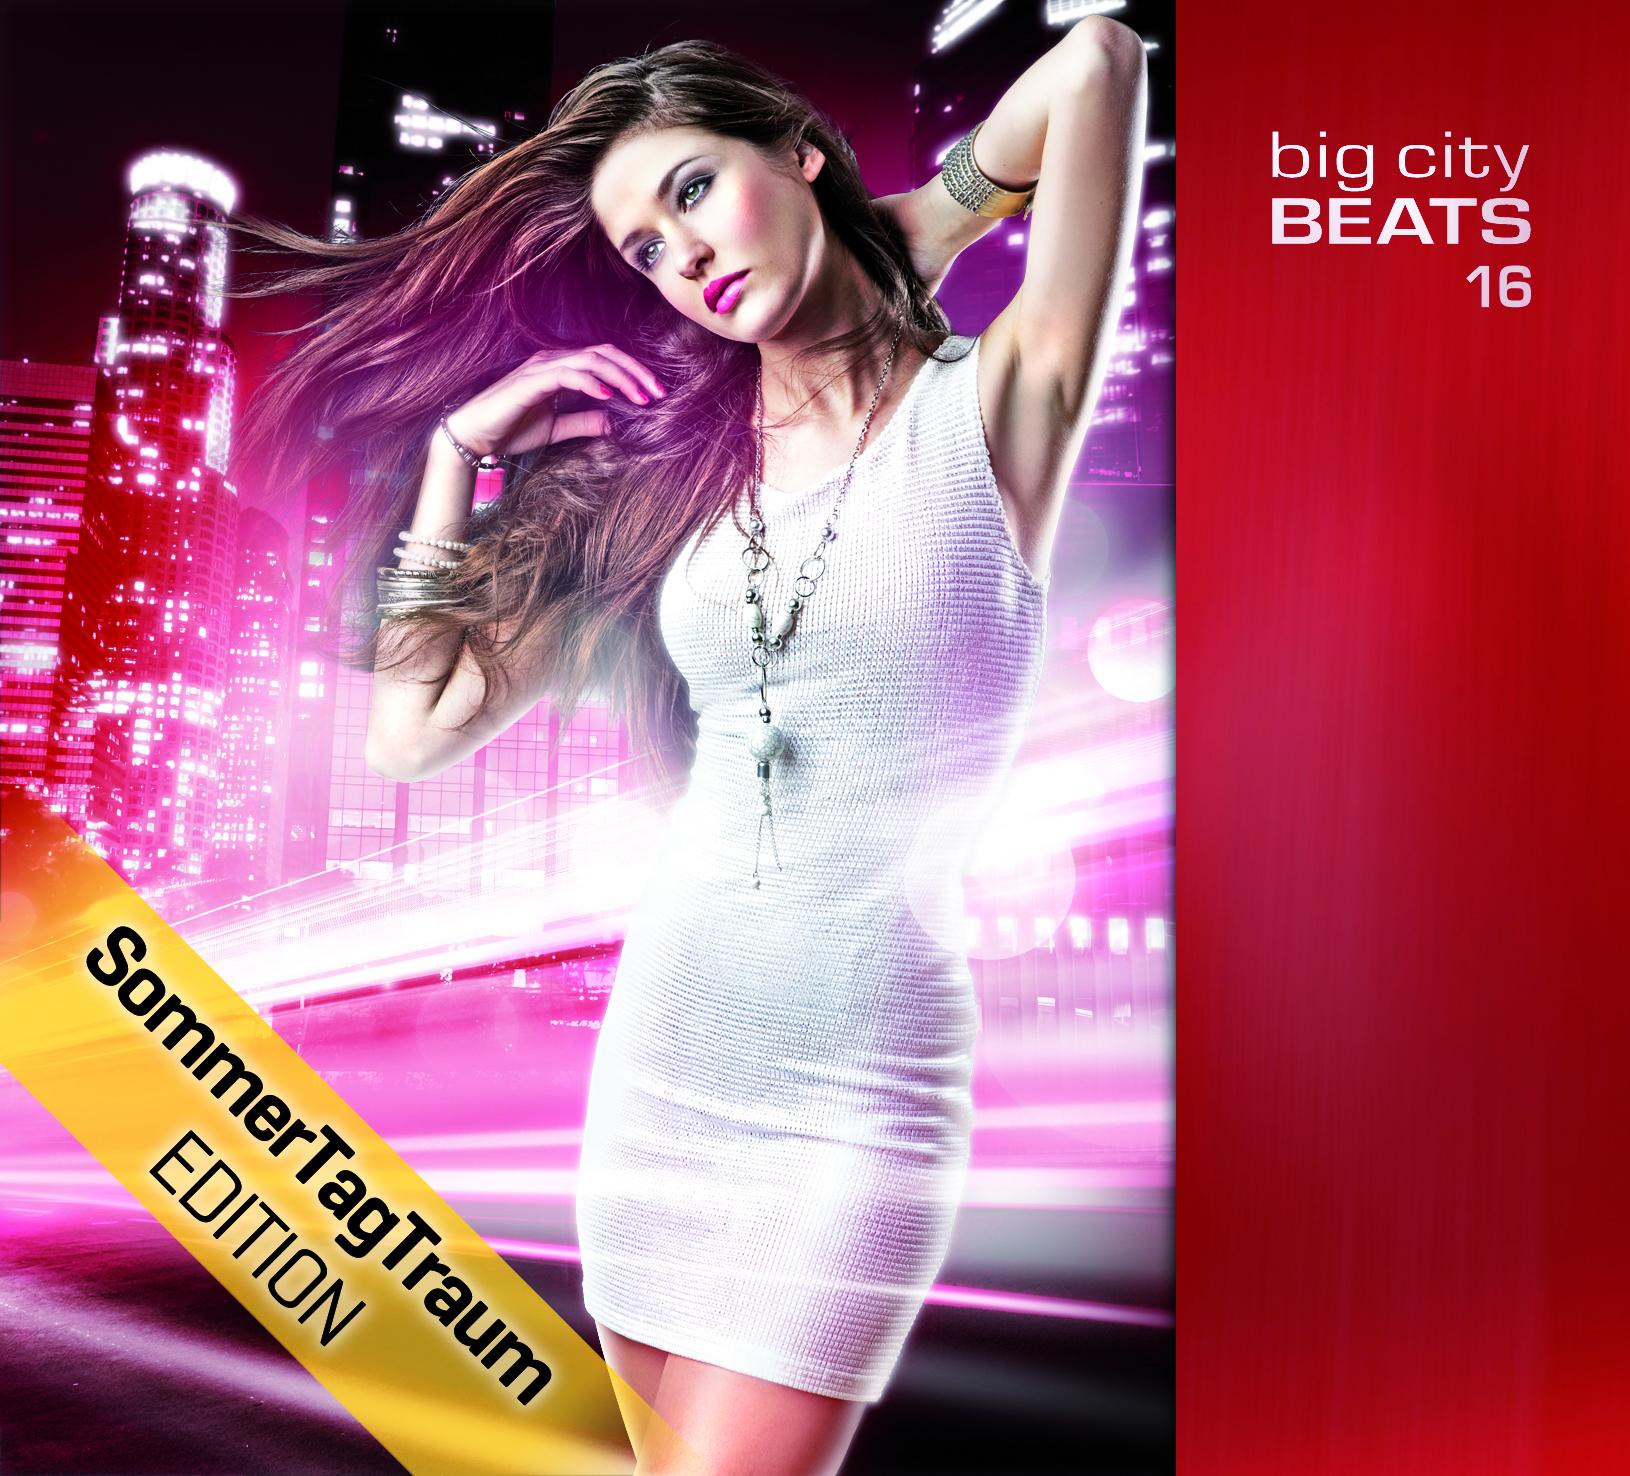 BigCityBeats liefern den Soundtrack zum SommerTagTraum